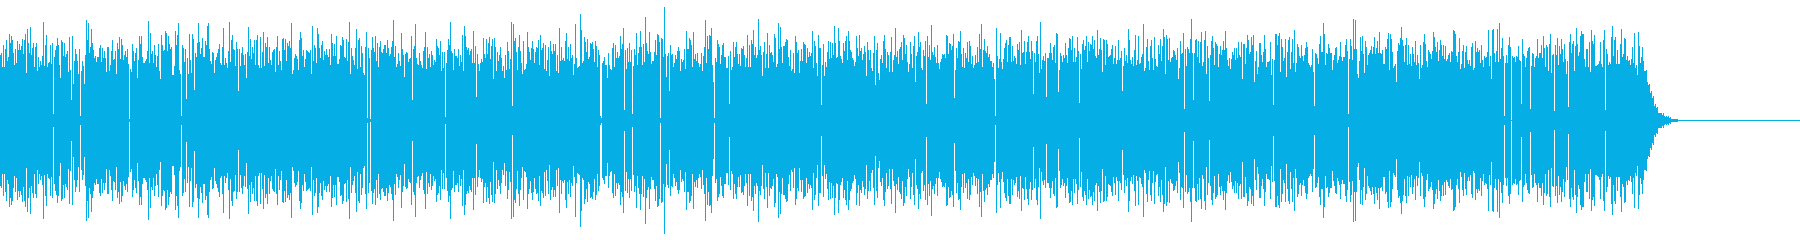 ノイズ パチッ02の再生済みの波形